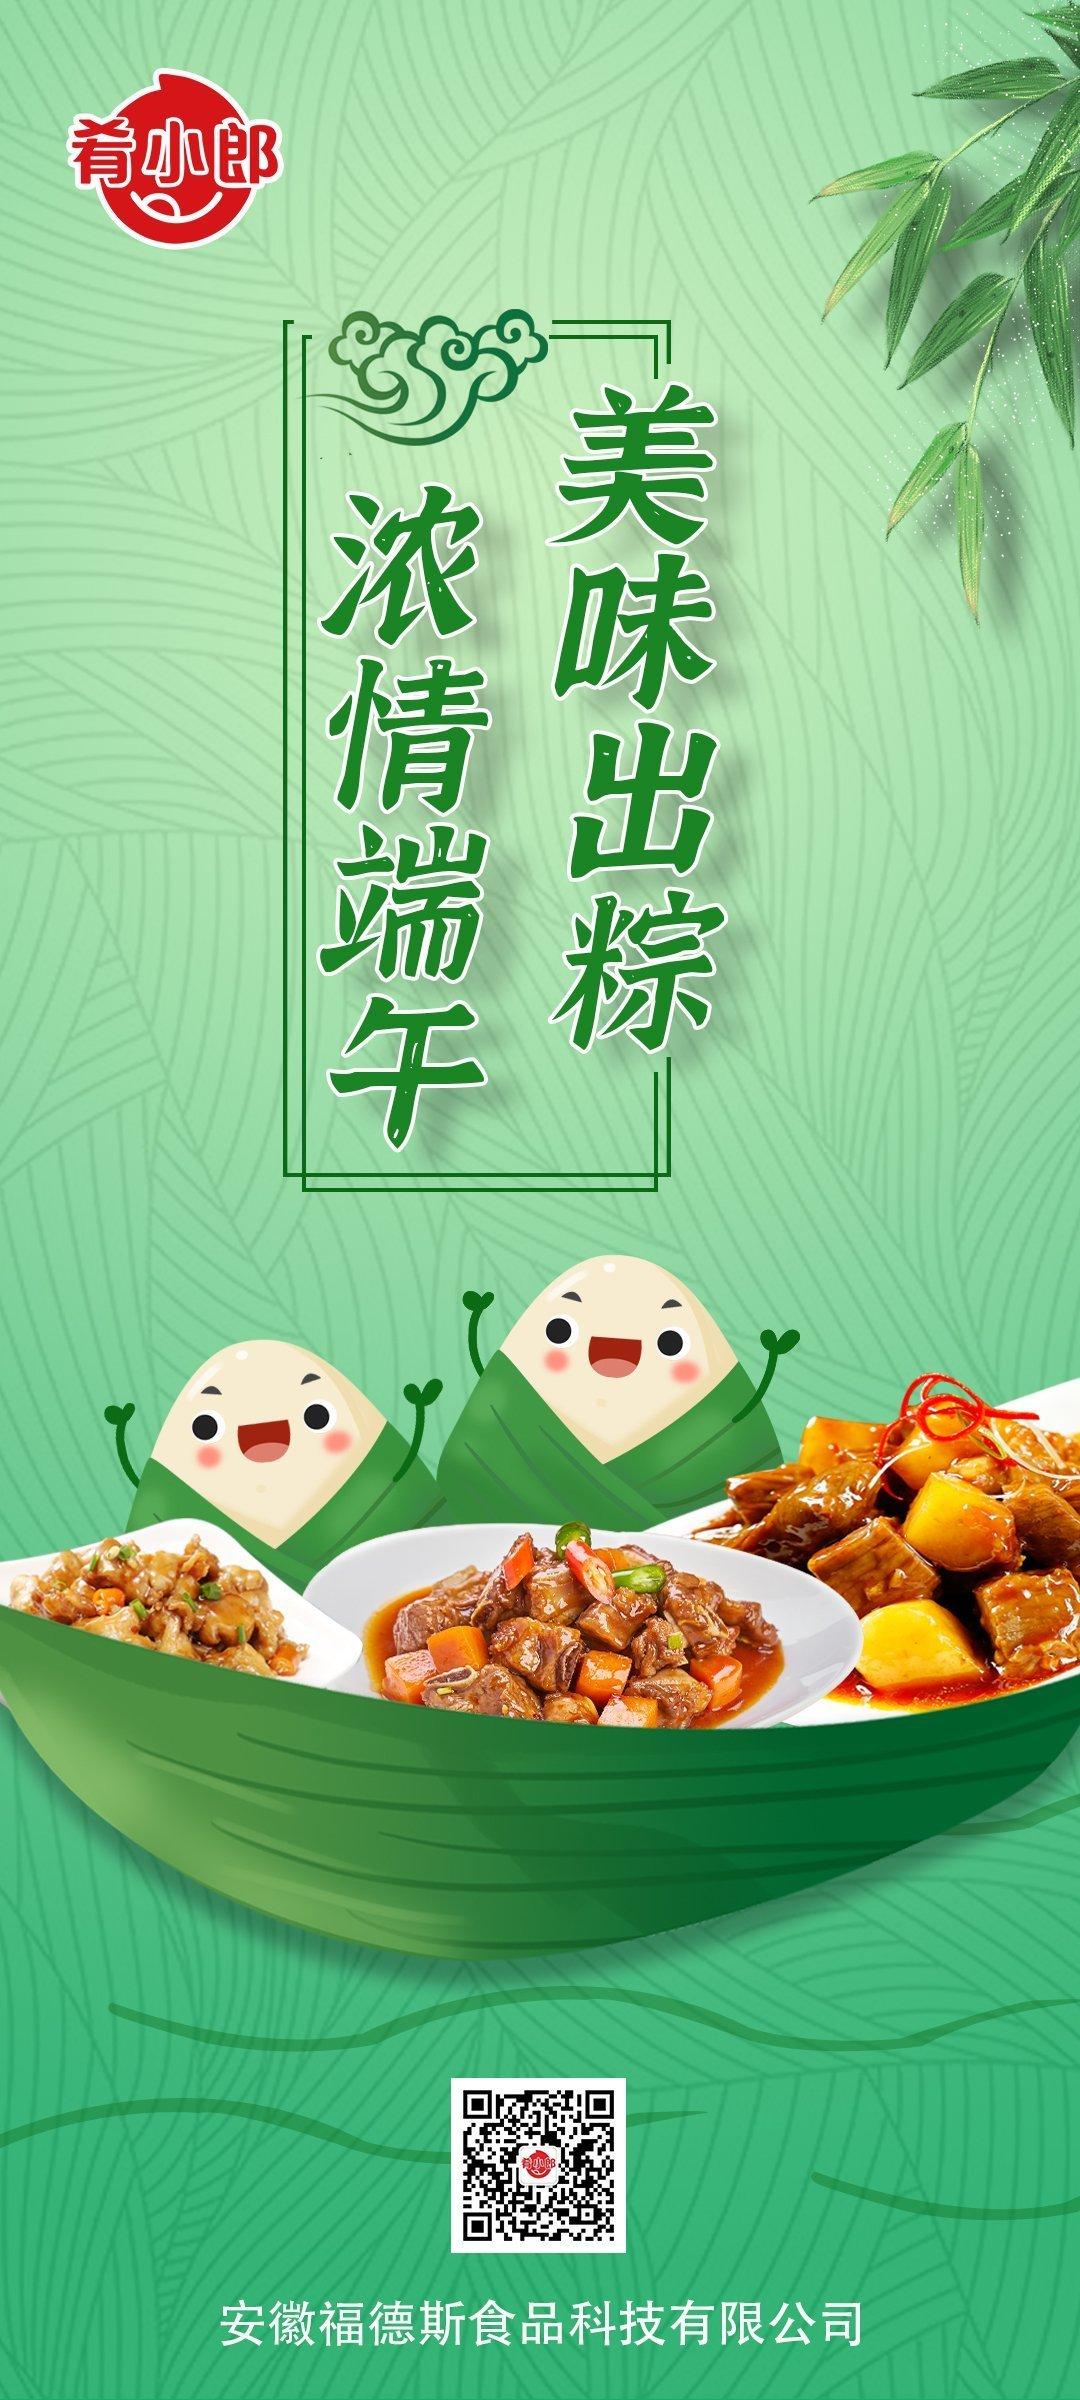 端午节设计-肴小郎料理包